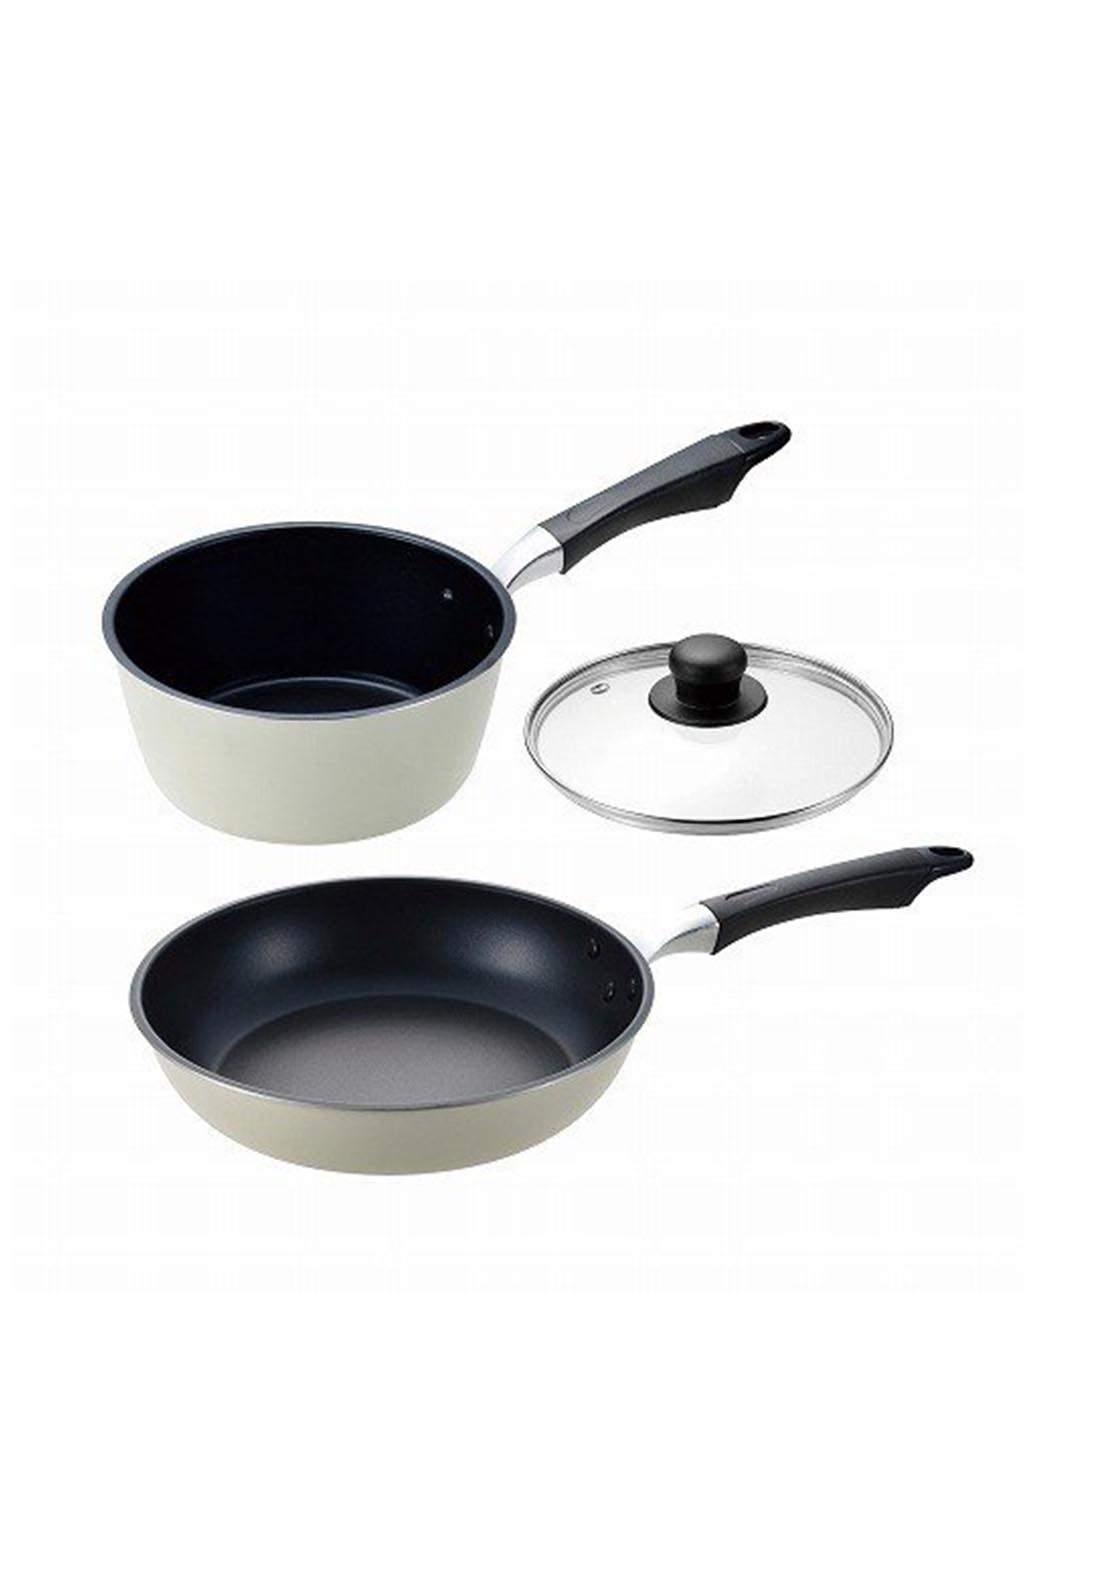 مجموعة أدوات طهي من بيرل ميتال